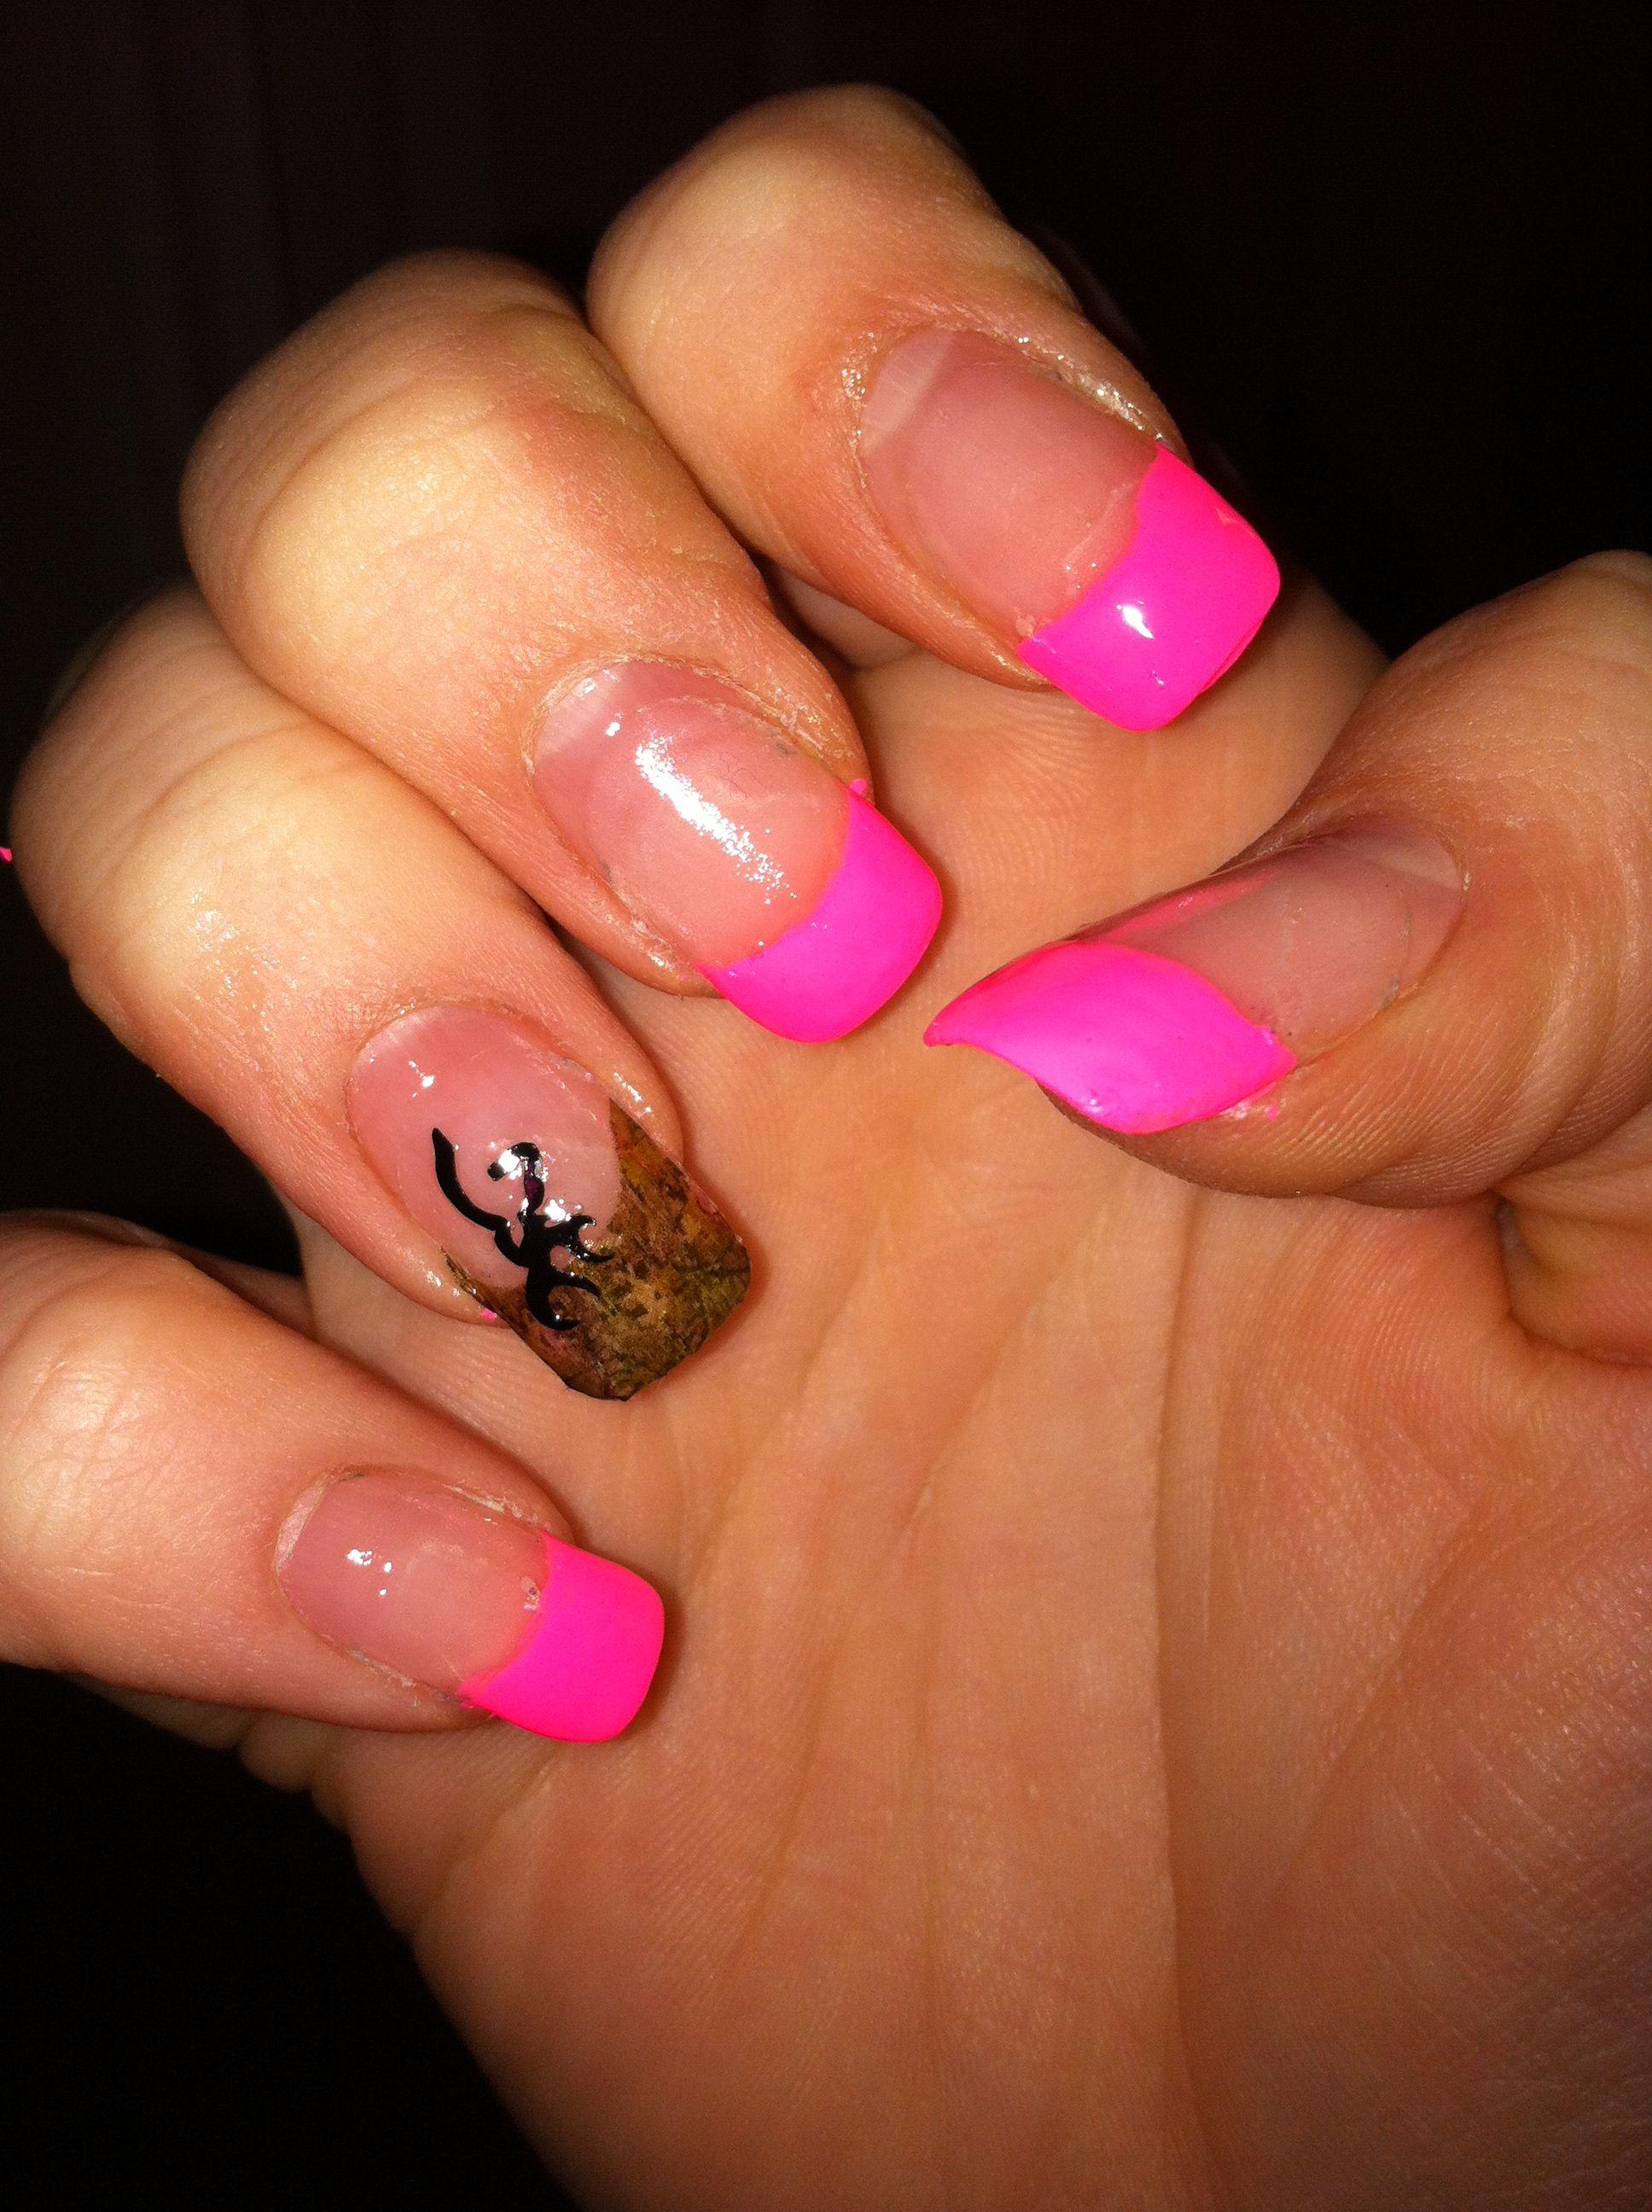 Mossy oak & buck mark nails <3 | Nails | Pinterest | Mossy oak ...